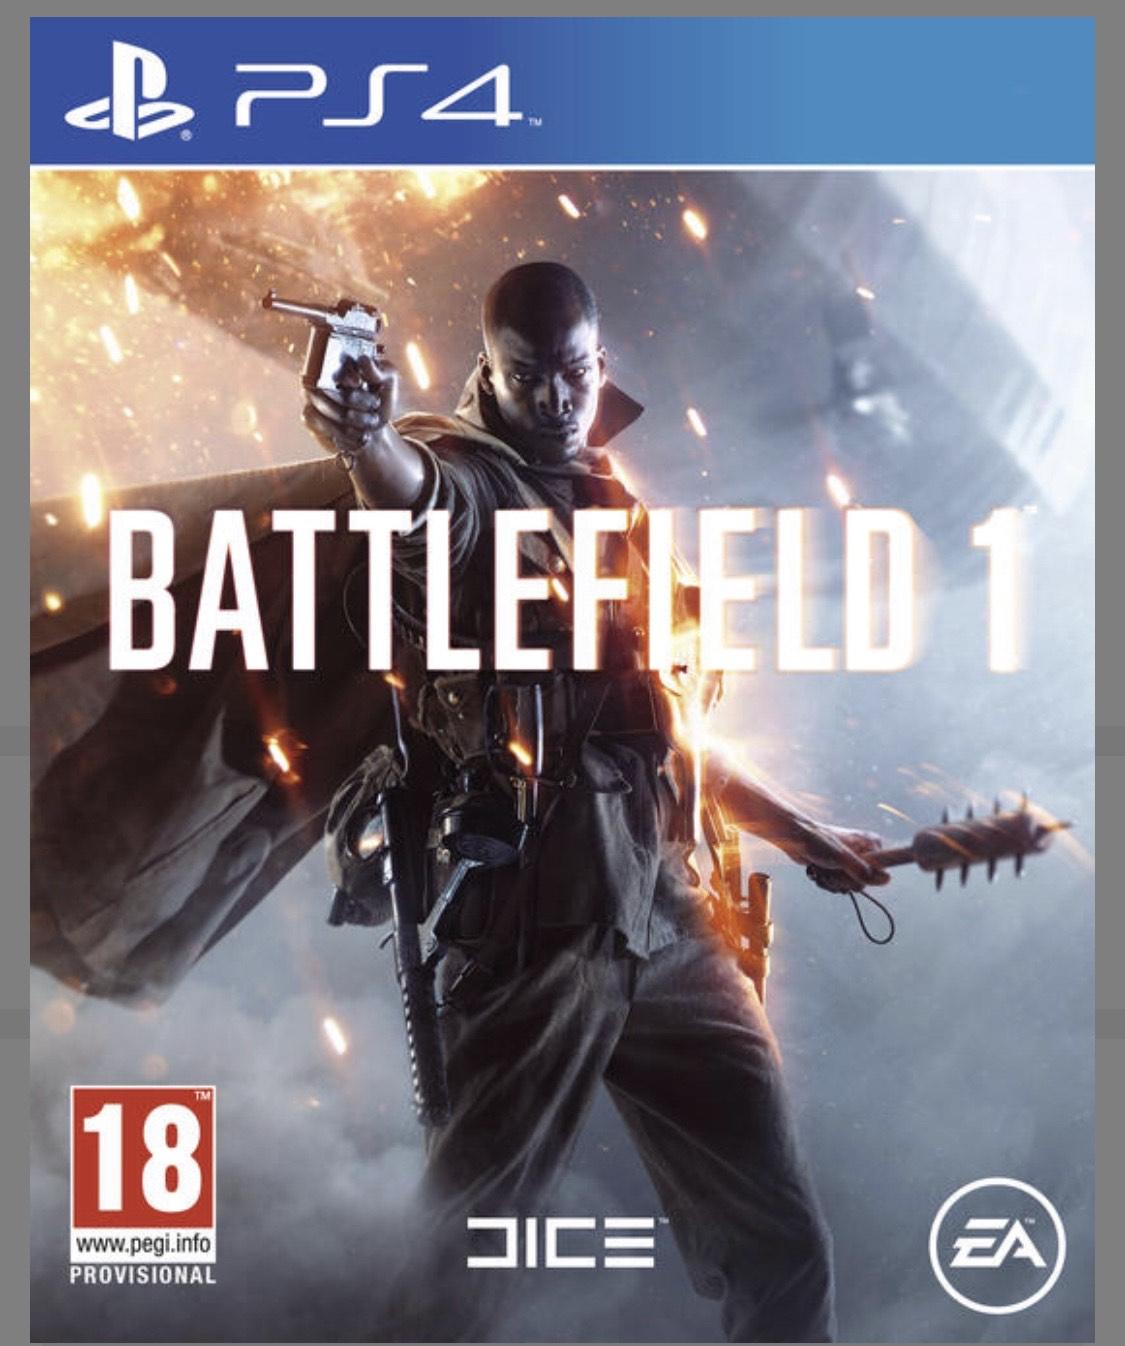 Battlefield 1 sur PS4 & Xbox One (via l'Application)